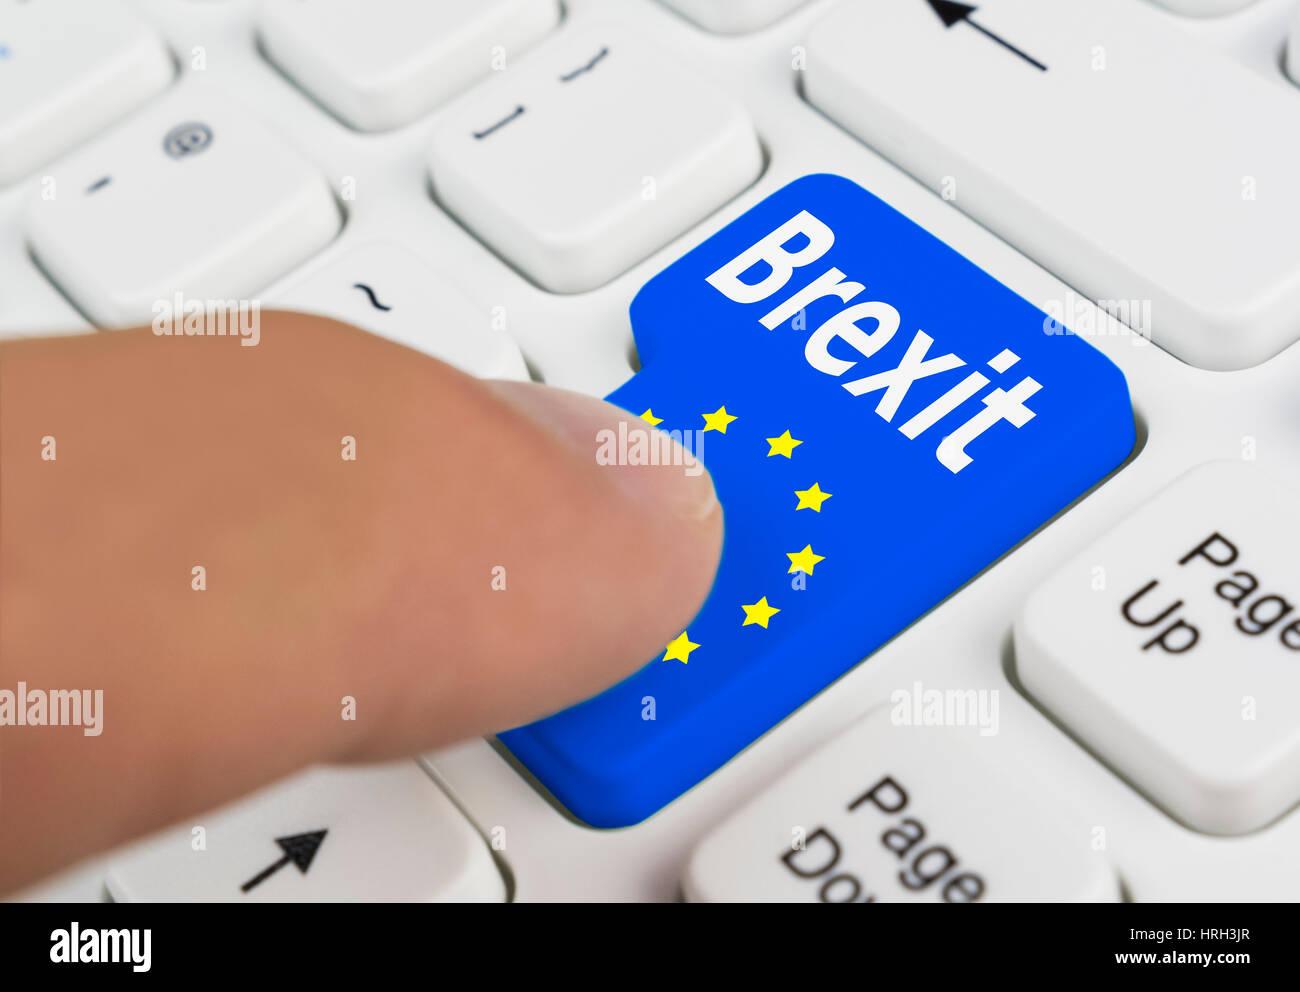 Concetto Brexit pulsante per simboleggiare il Regno Unito a lasciare l'UE. Pulsante Brexit. Immagini Stock